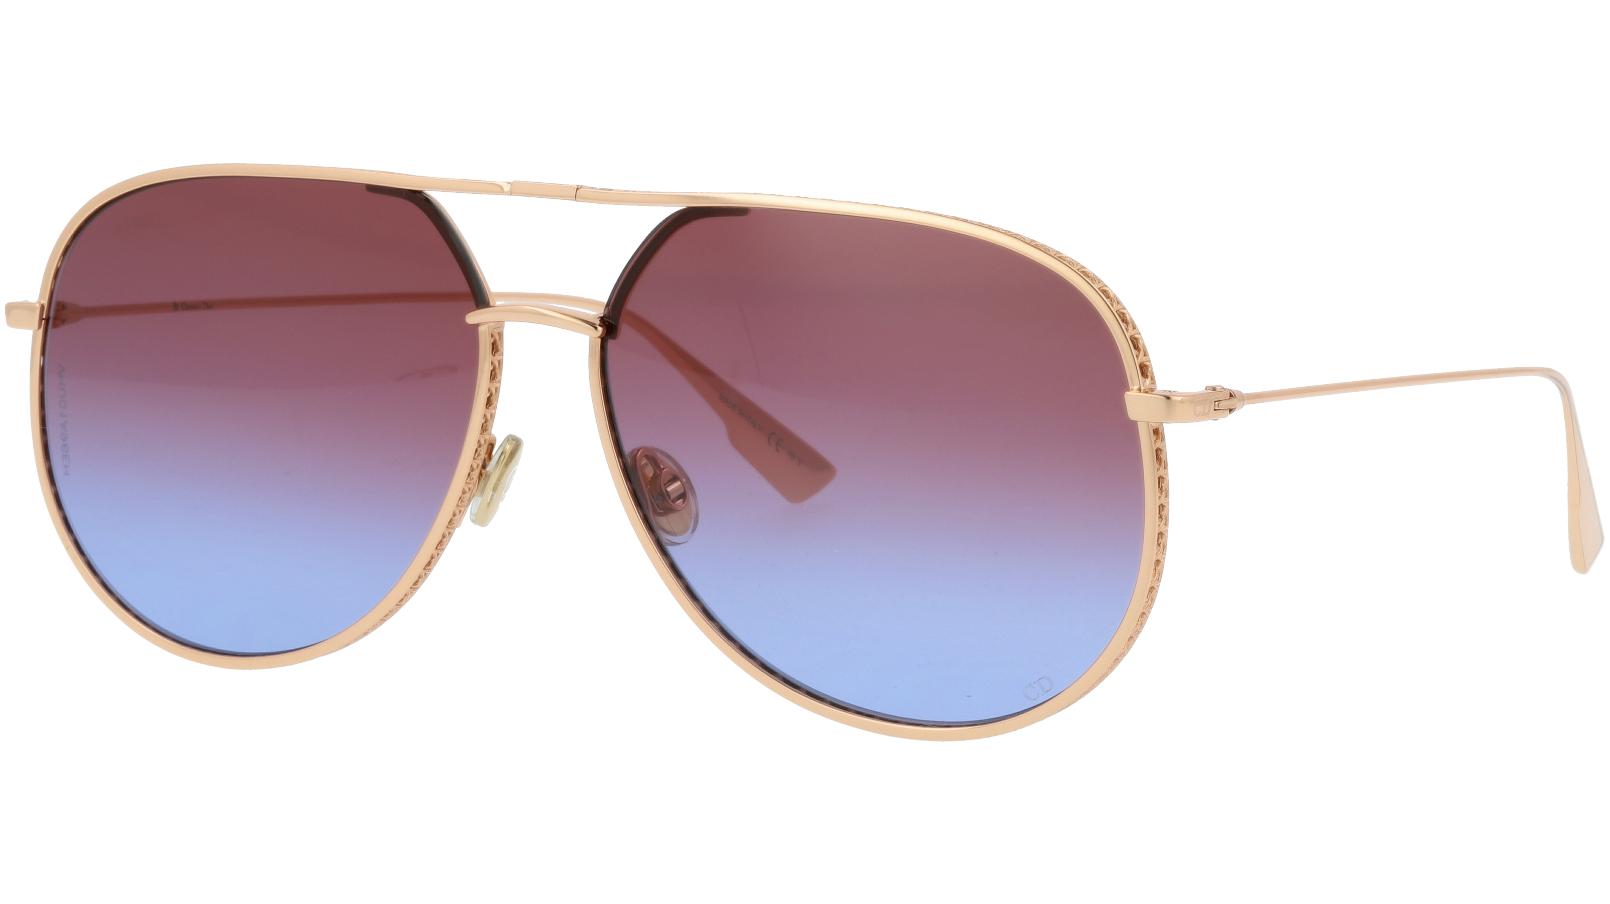 Dior BYDior DDBSQ 60 Gold Sunglasses